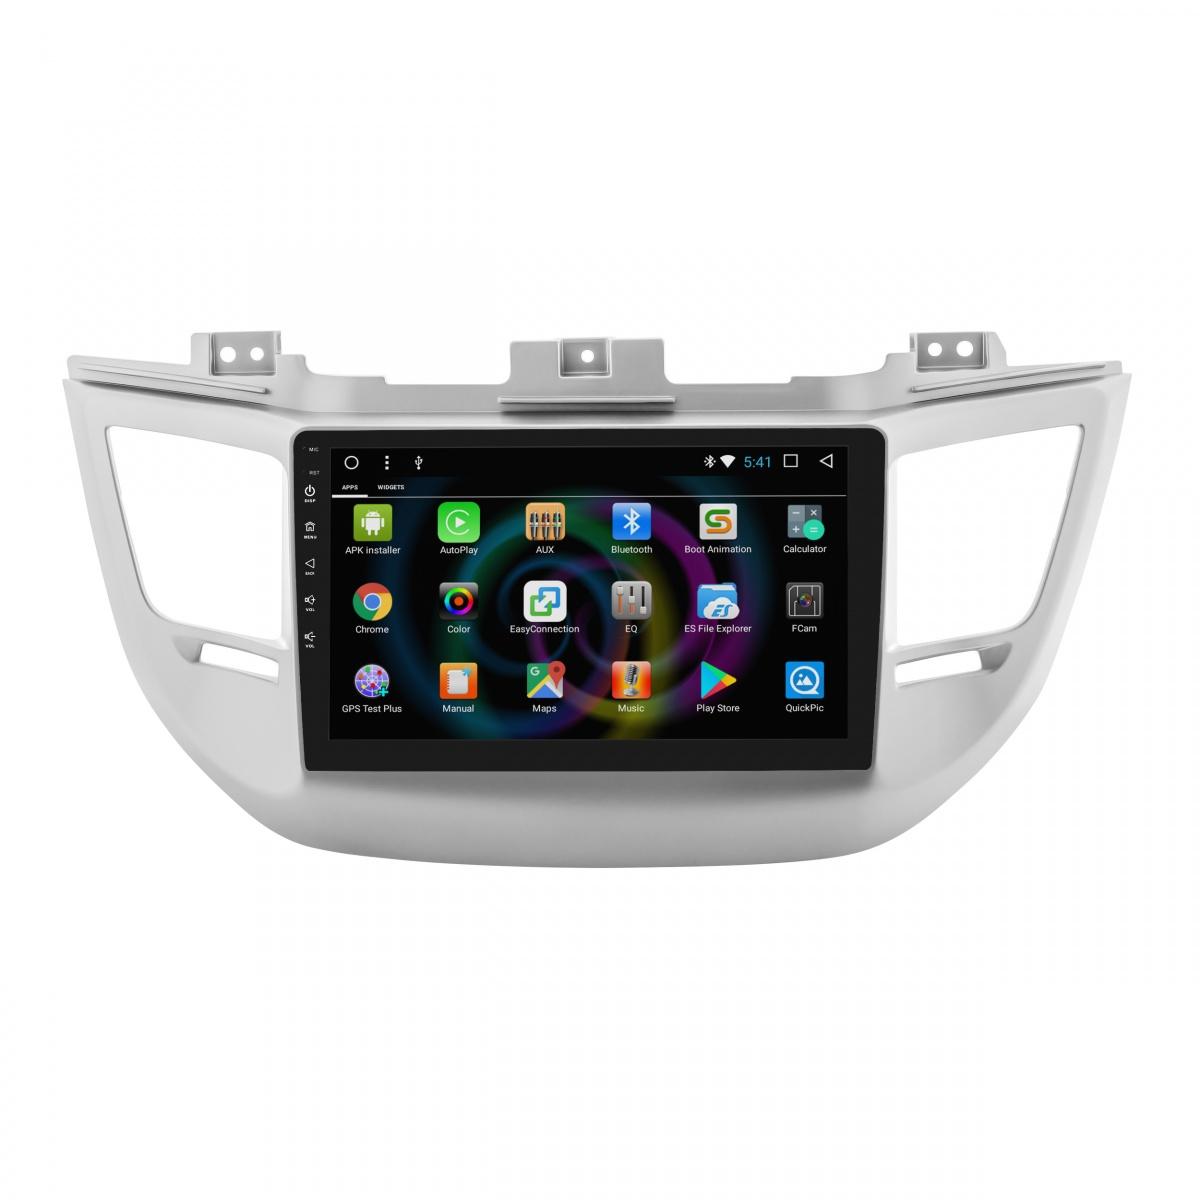 Штатное головное устройство MyDean B546 для Hyundai Tucson (2015-2018) (+ Камера заднего вида в подарок!) цены онлайн